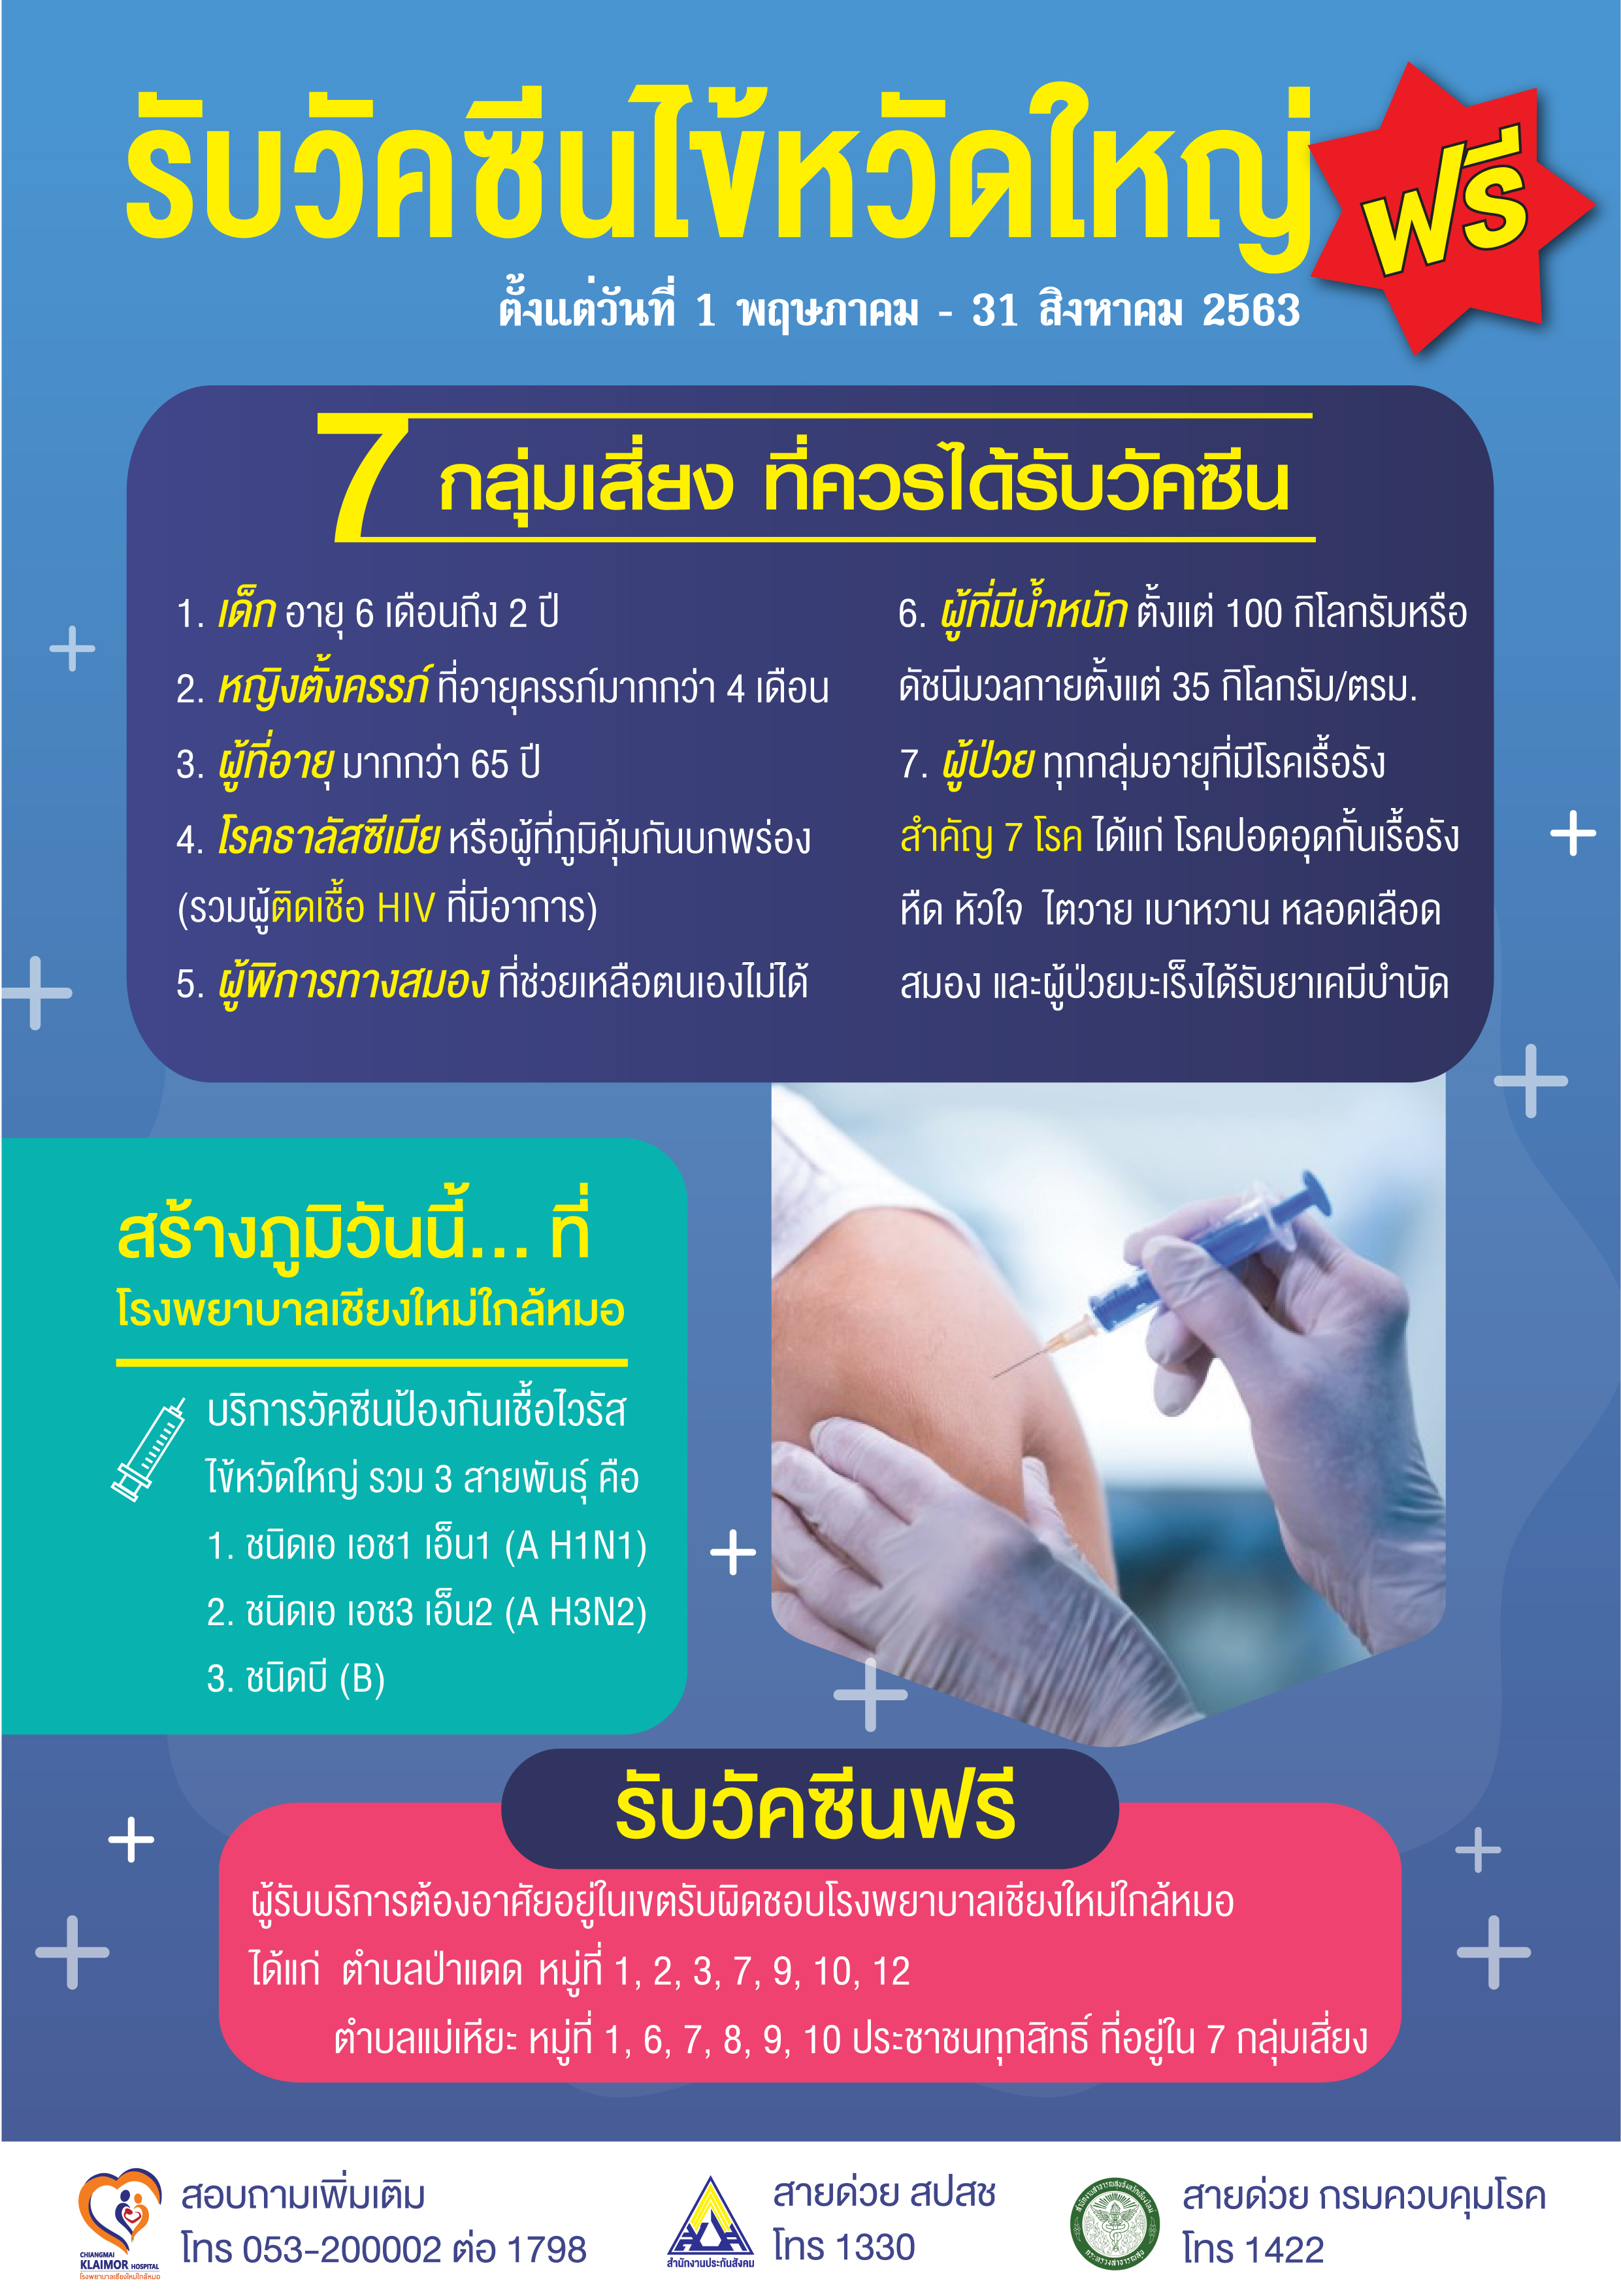 วัคซีนหวัดใหญ่63-01.jpg (2.45 MB)